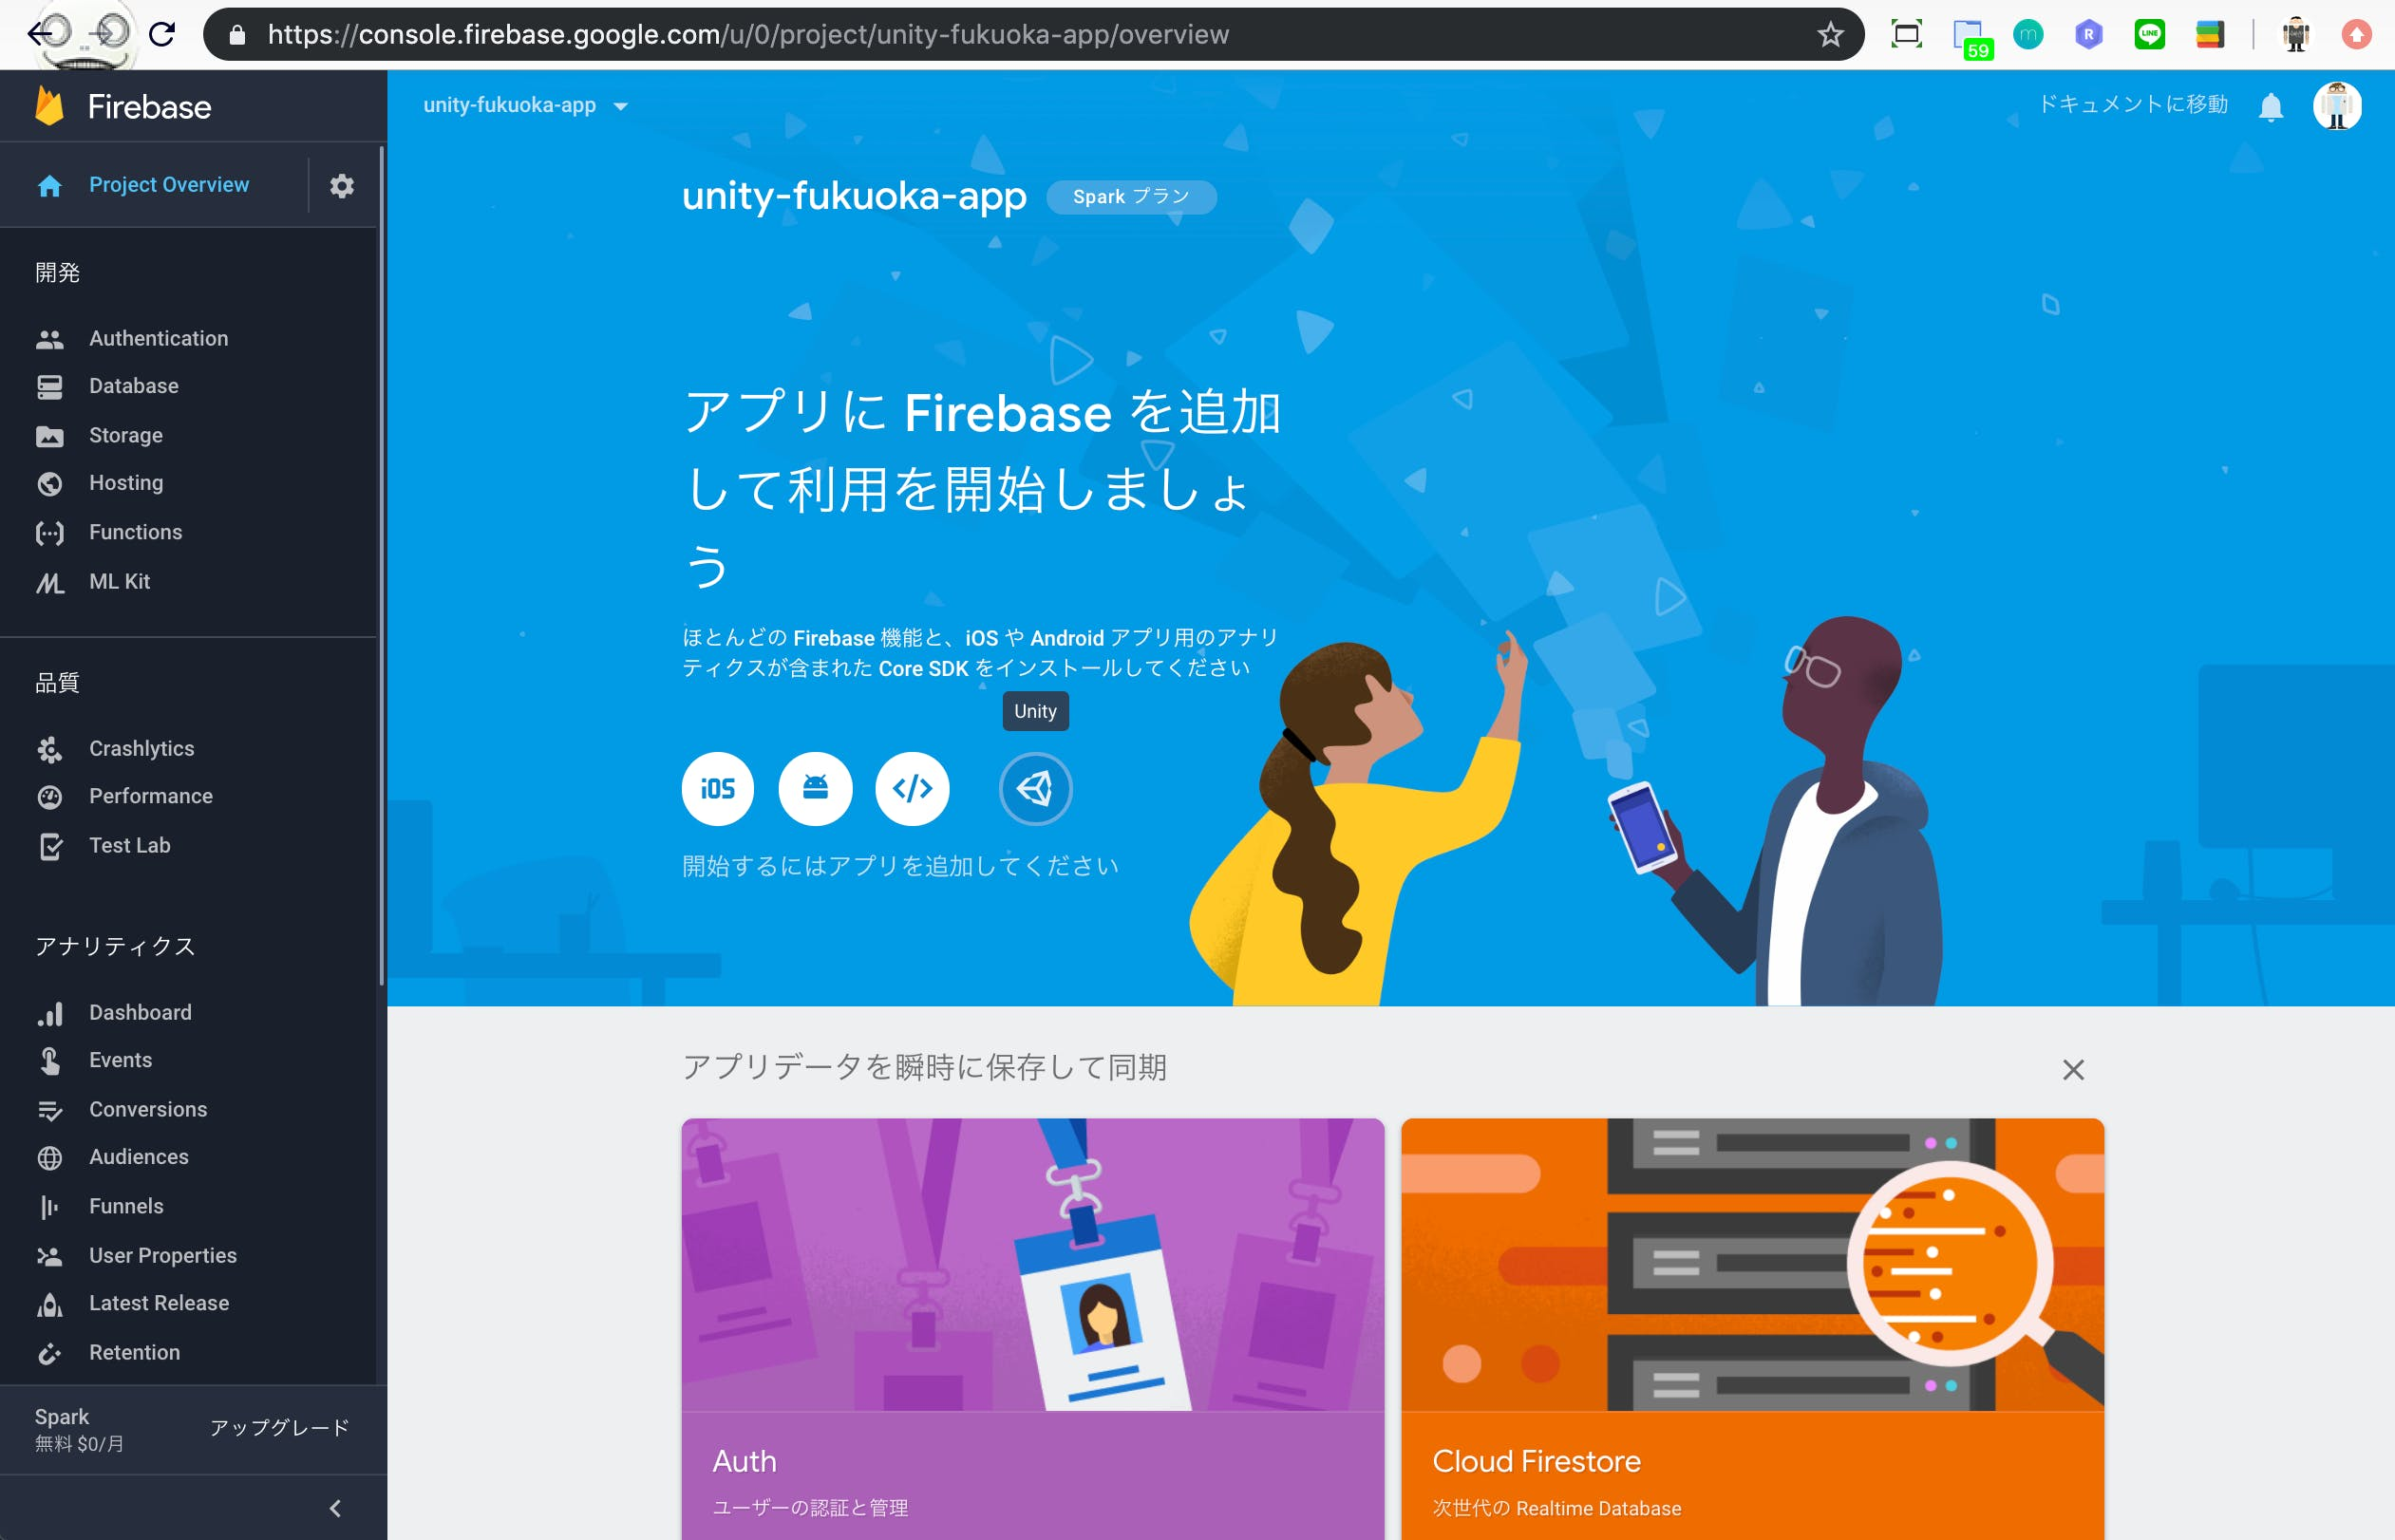 スクリーンショット 2019-06-17 0.40.06.png